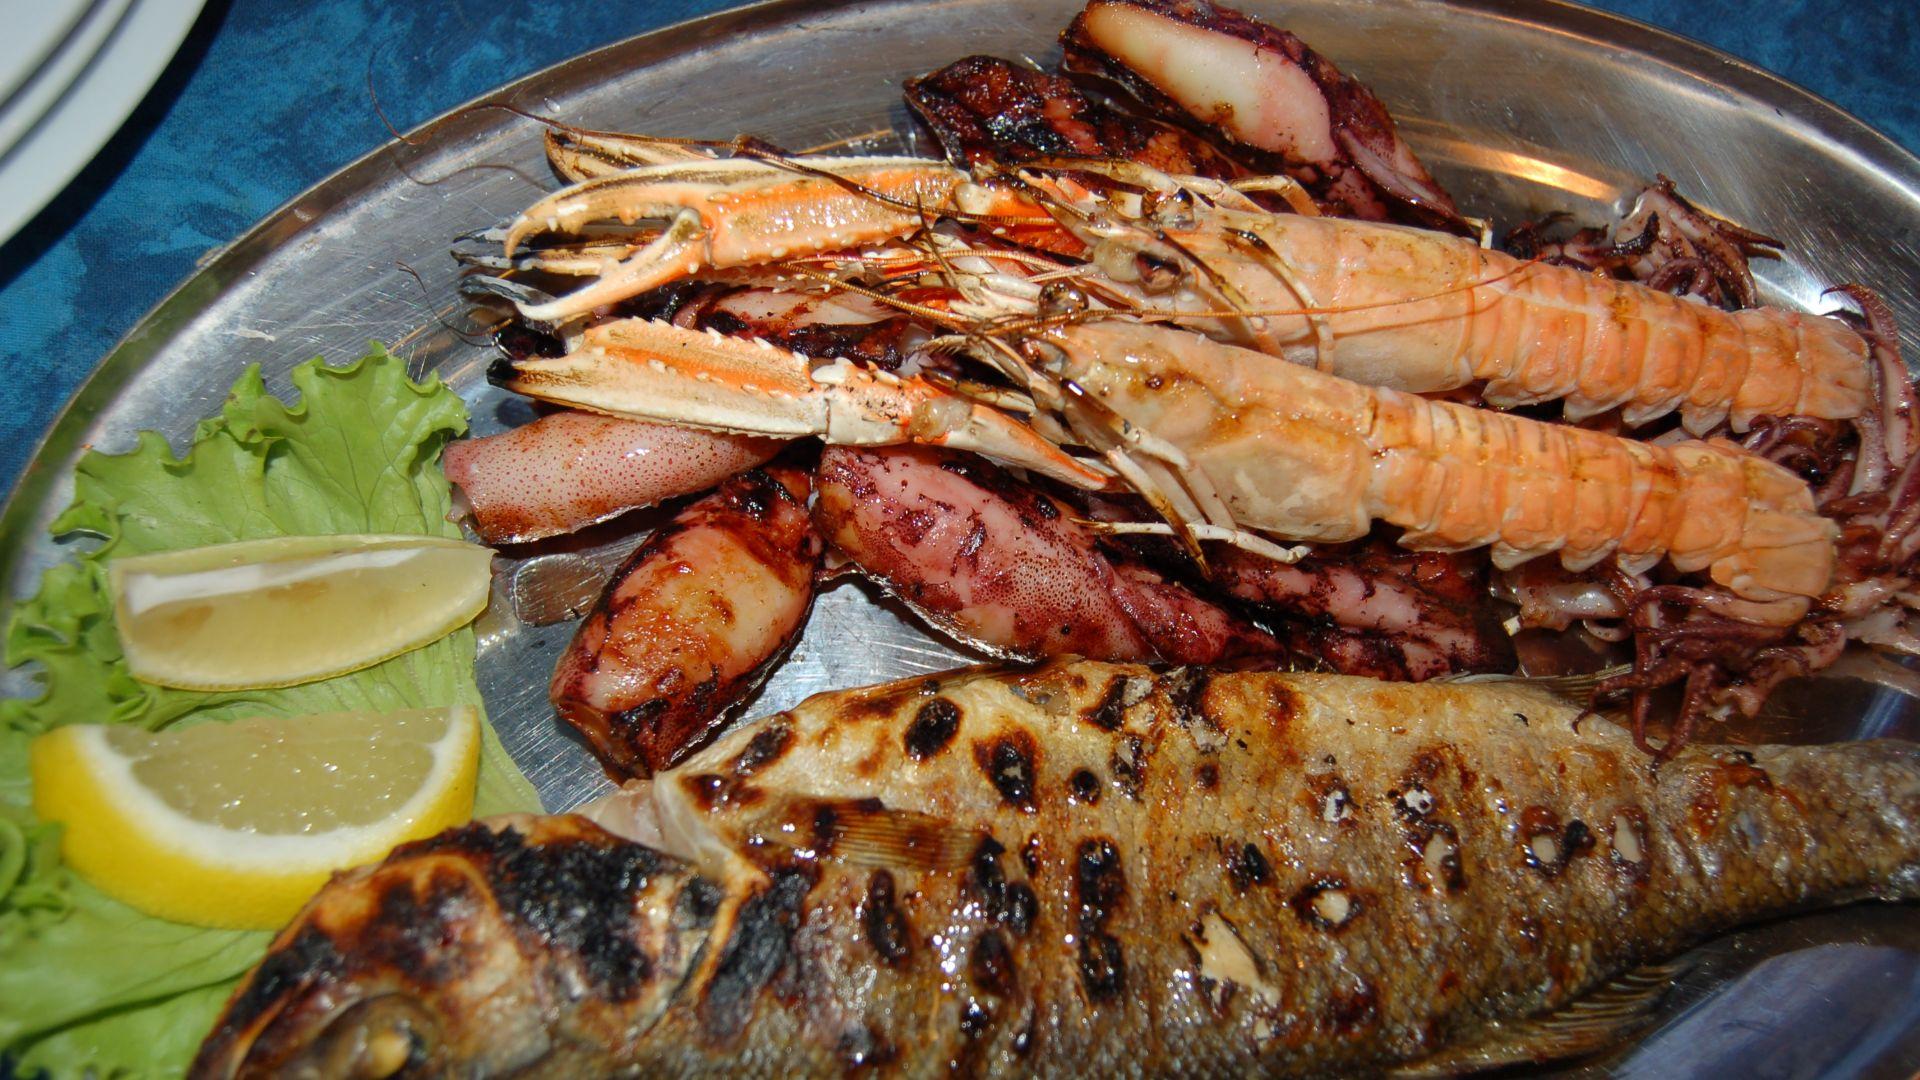 restaurant-grill-dugi-otok-croatia (7)